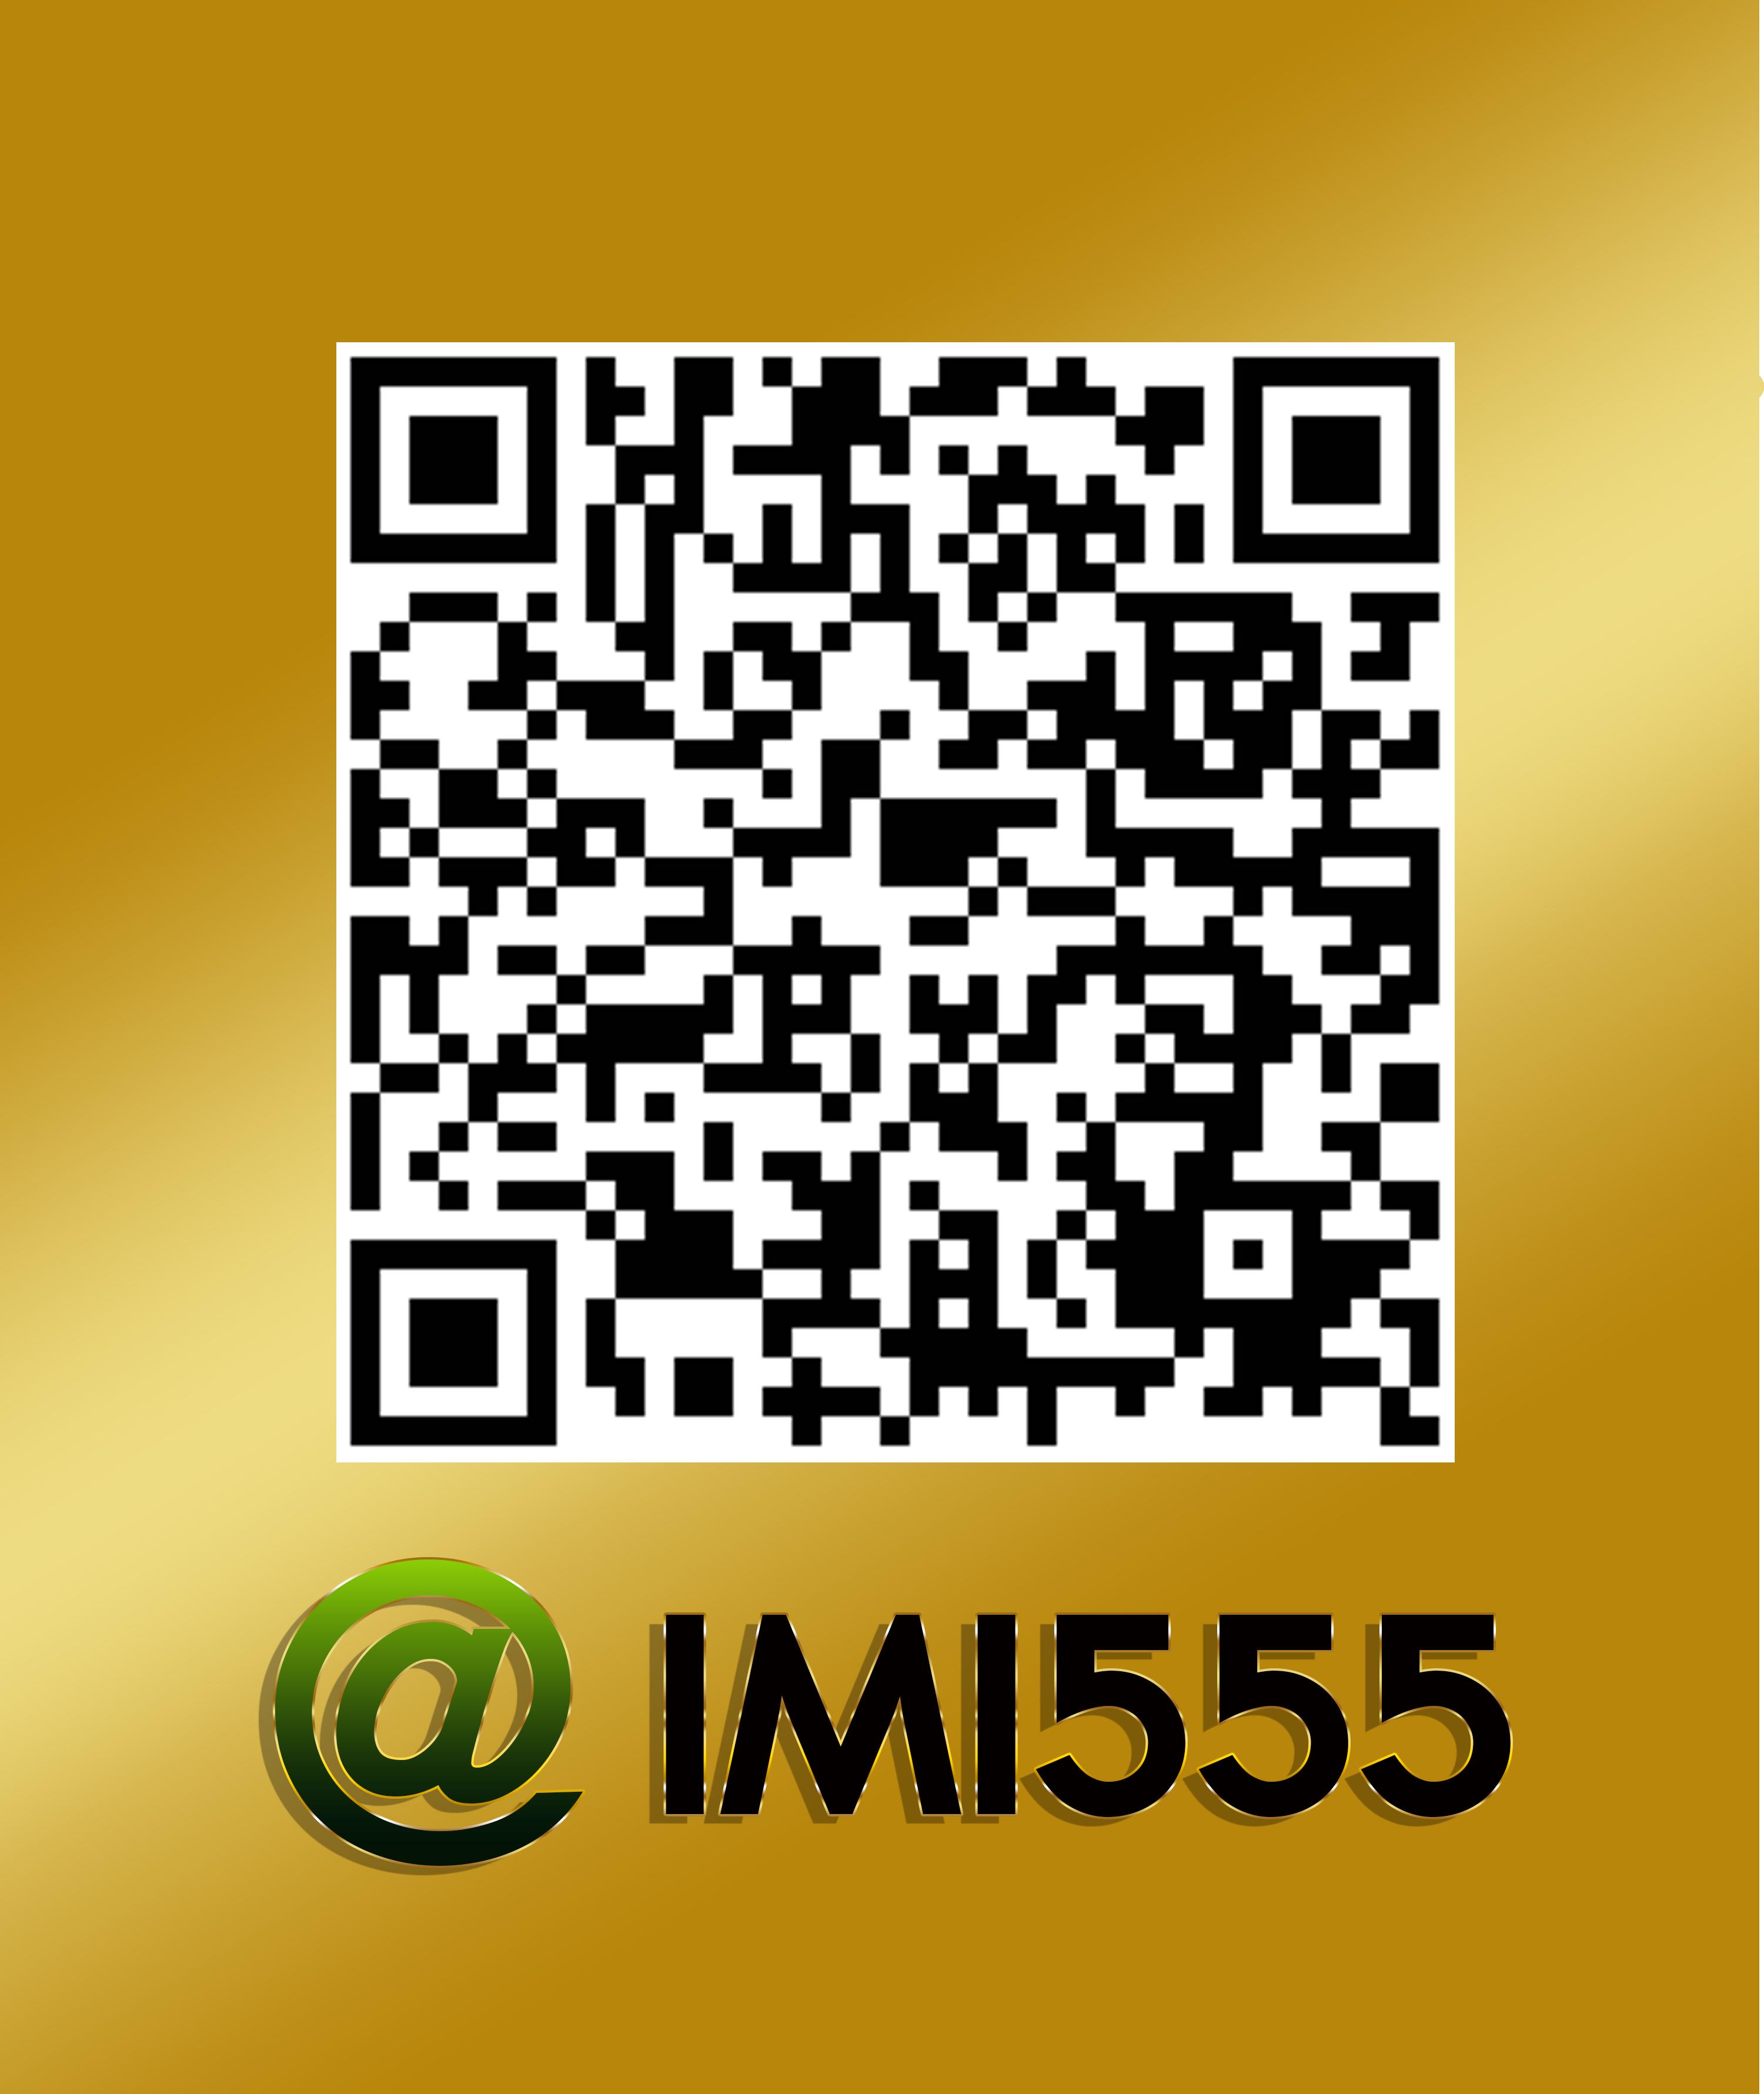 line imi555